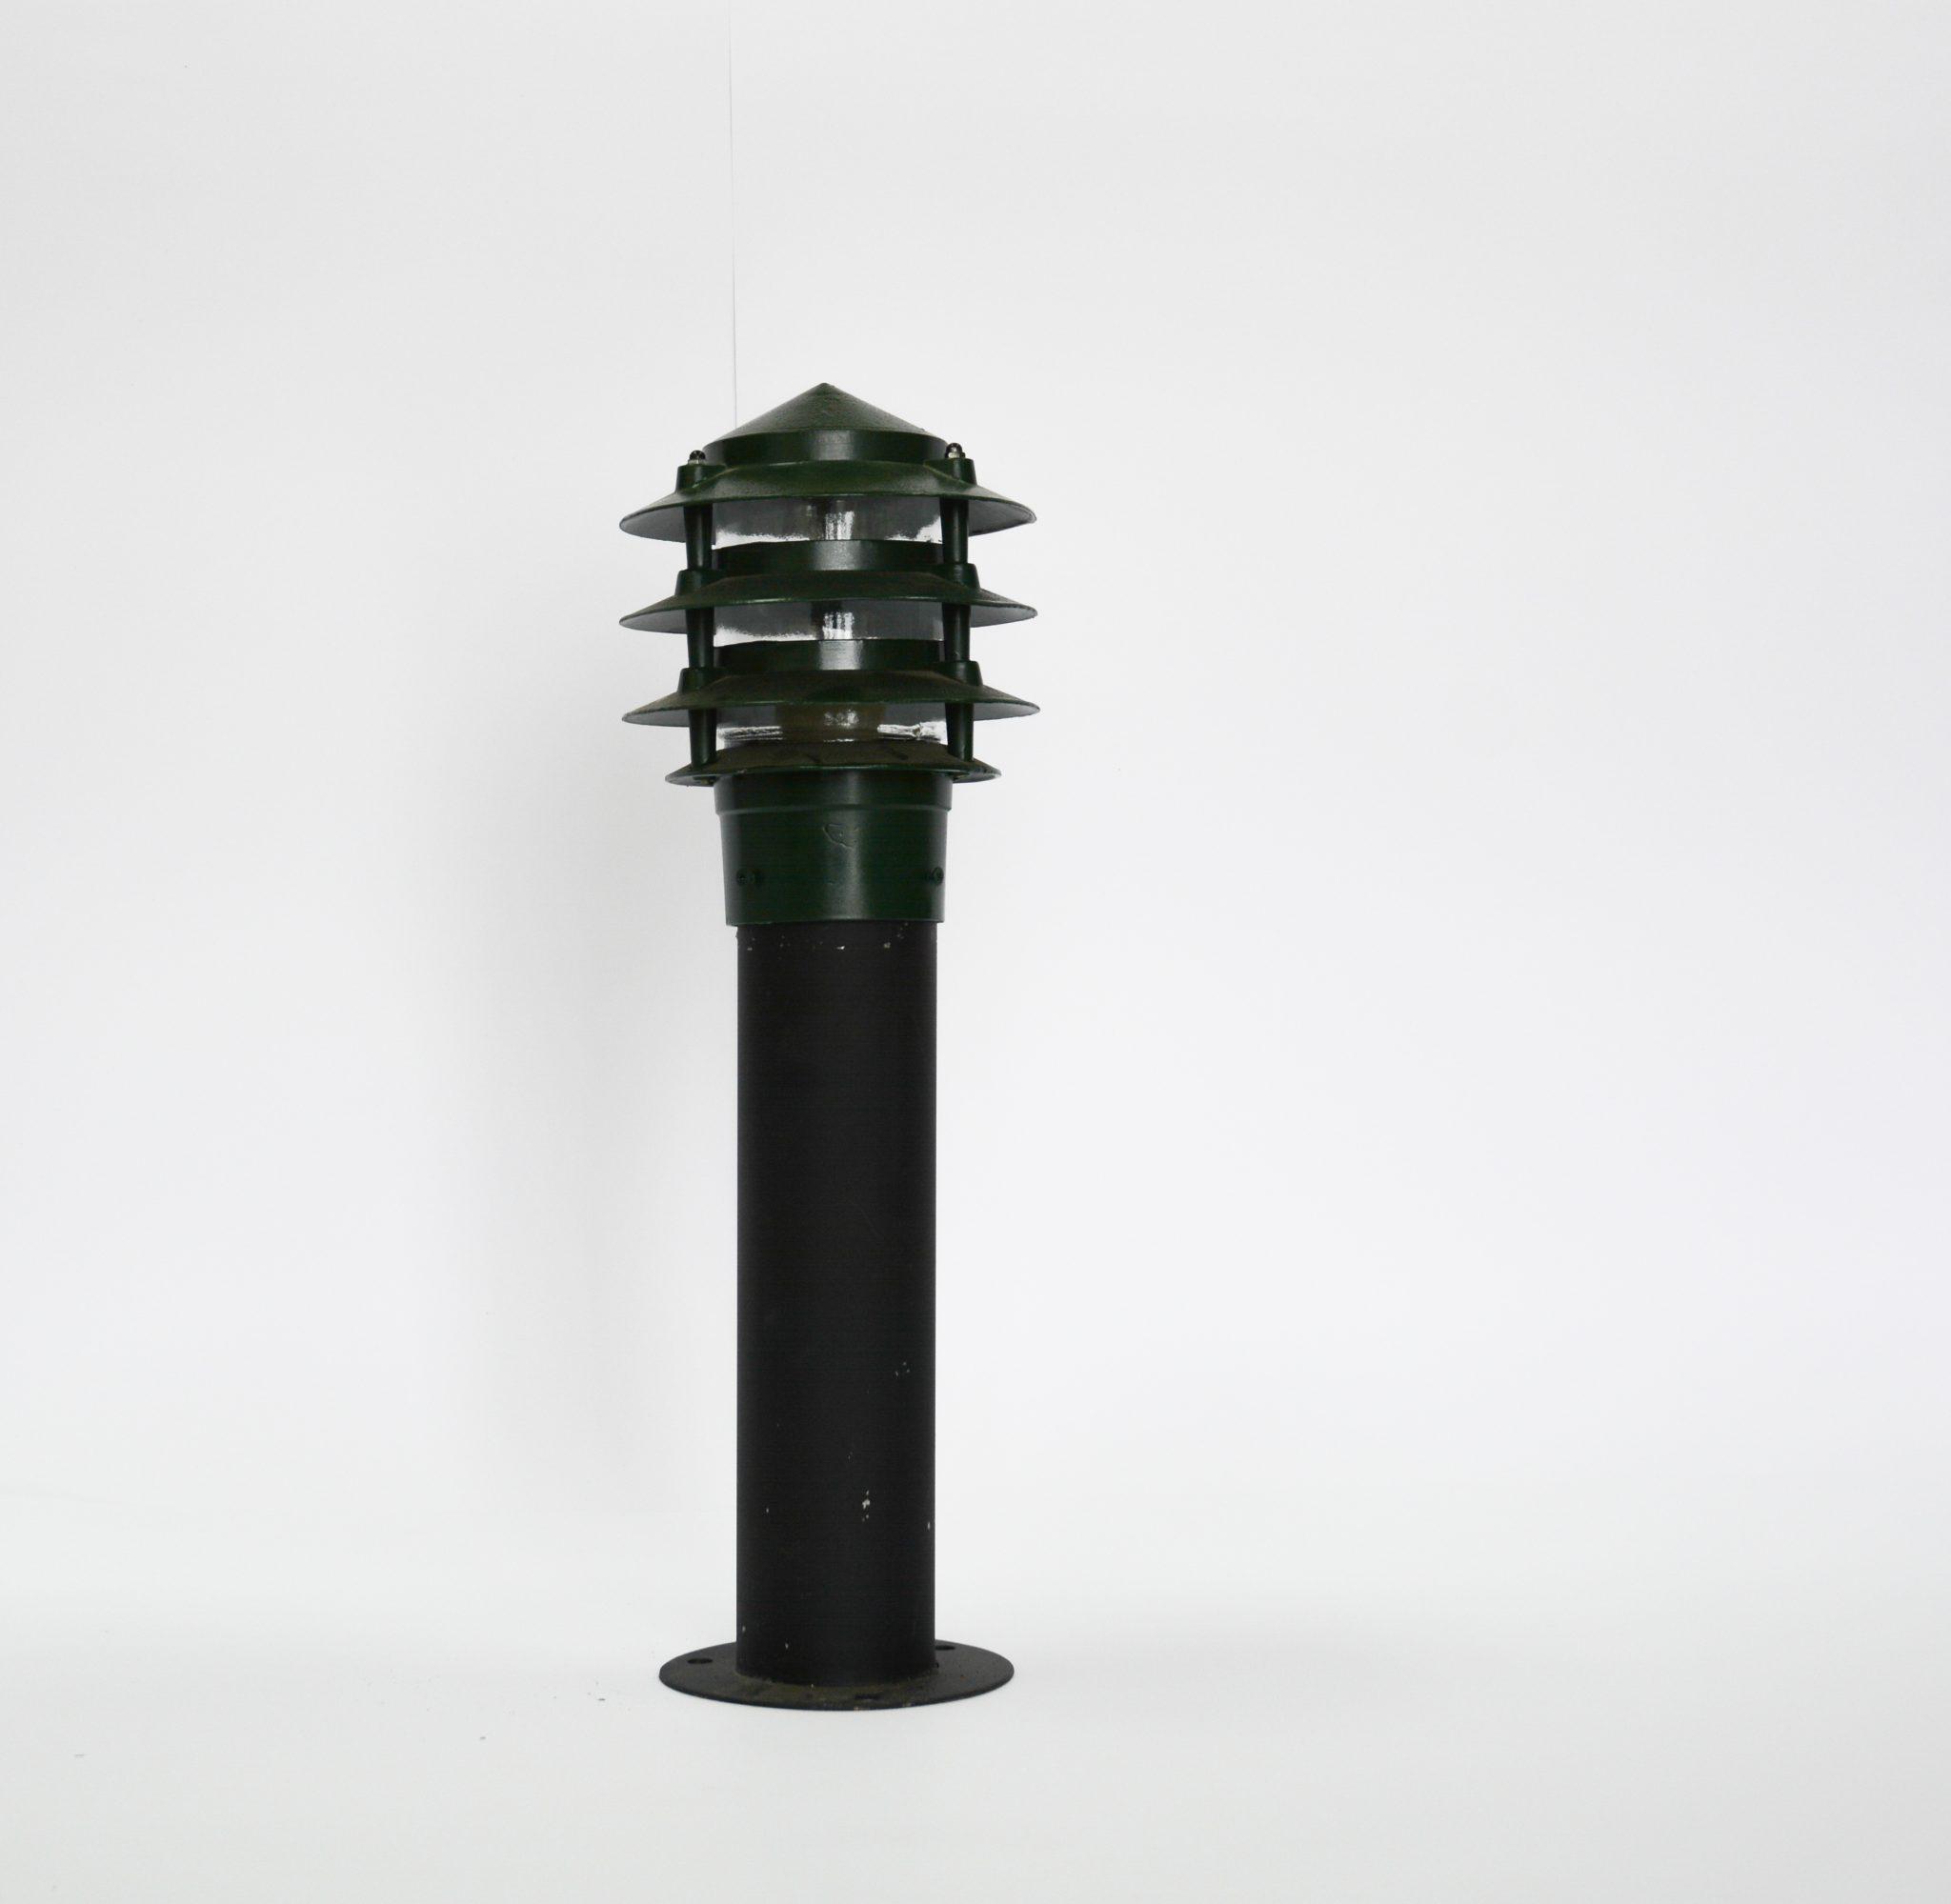 Những ý tưởng trang trí sân vườn với đèn nấm cây thông